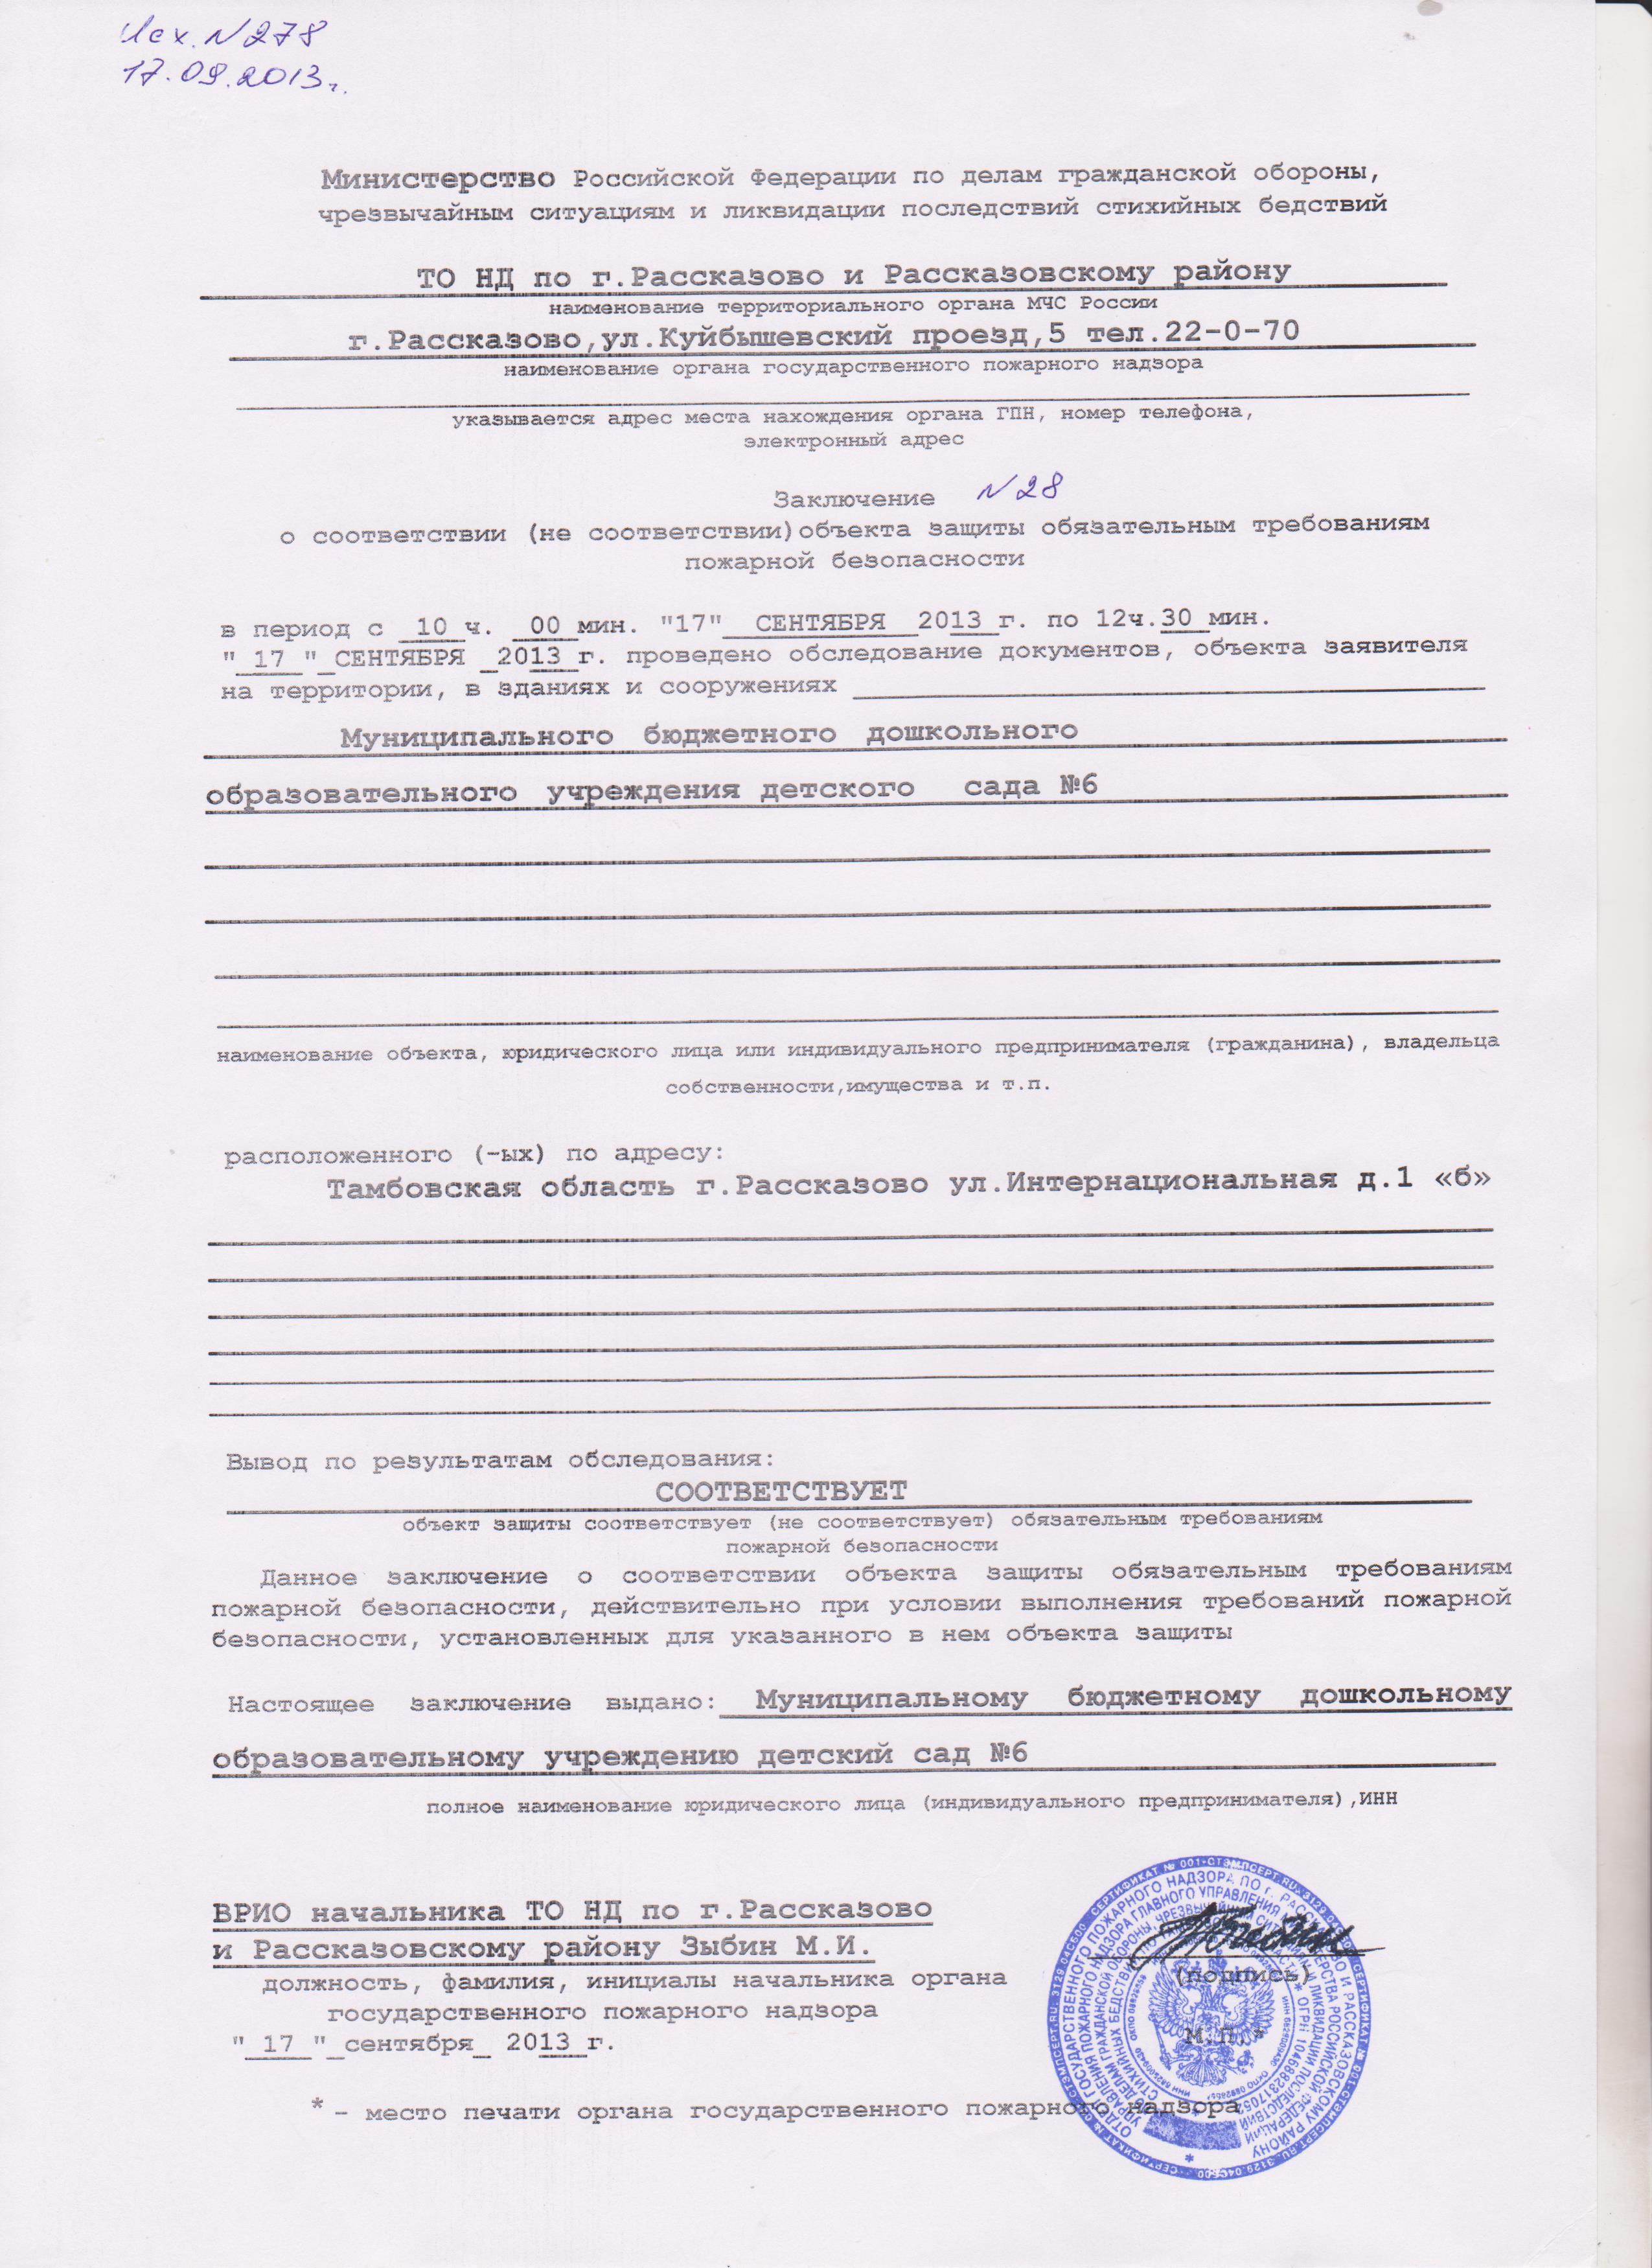 Заключение ТО НД по г.Рассказово о соответствии пожарной безопасности от 17.09.2013